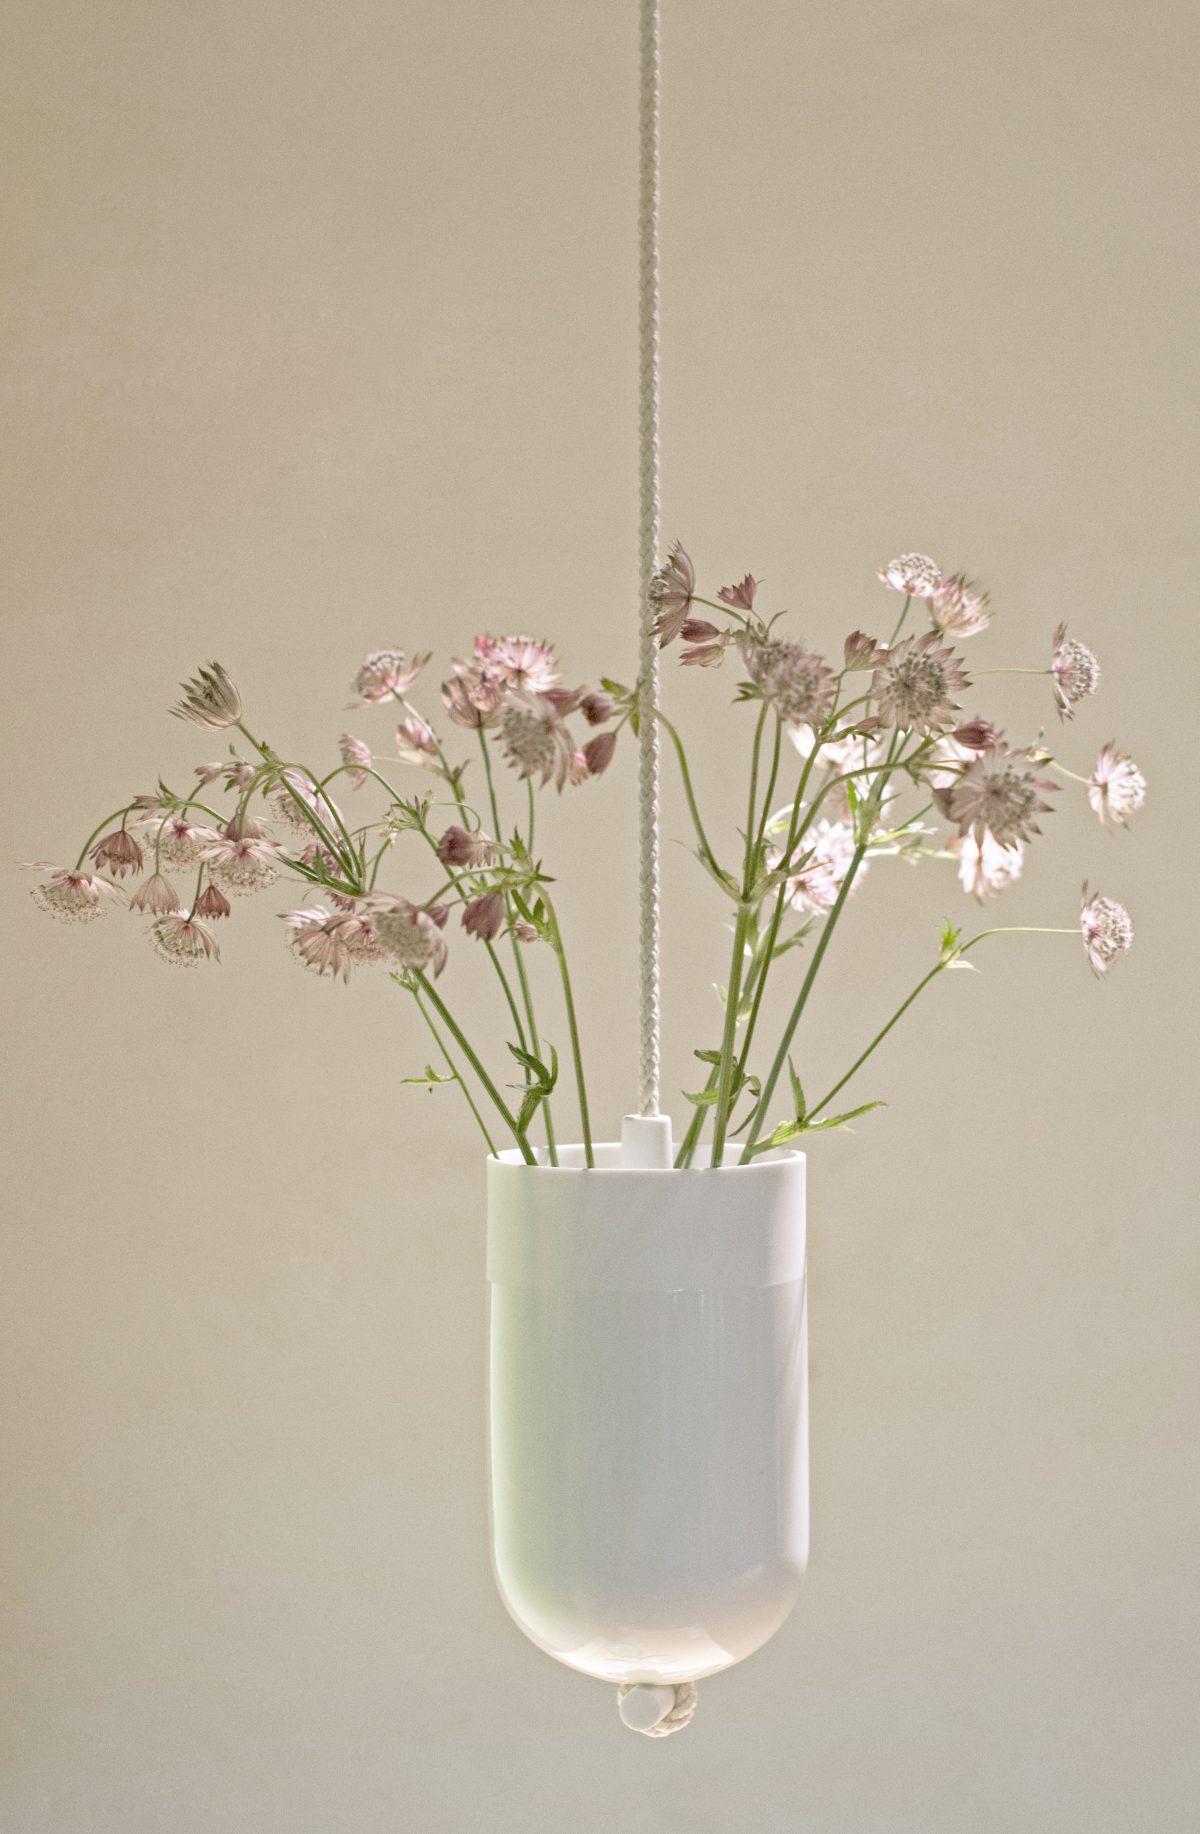 Lotte-Douwes-Spatial-Vase-wit-White